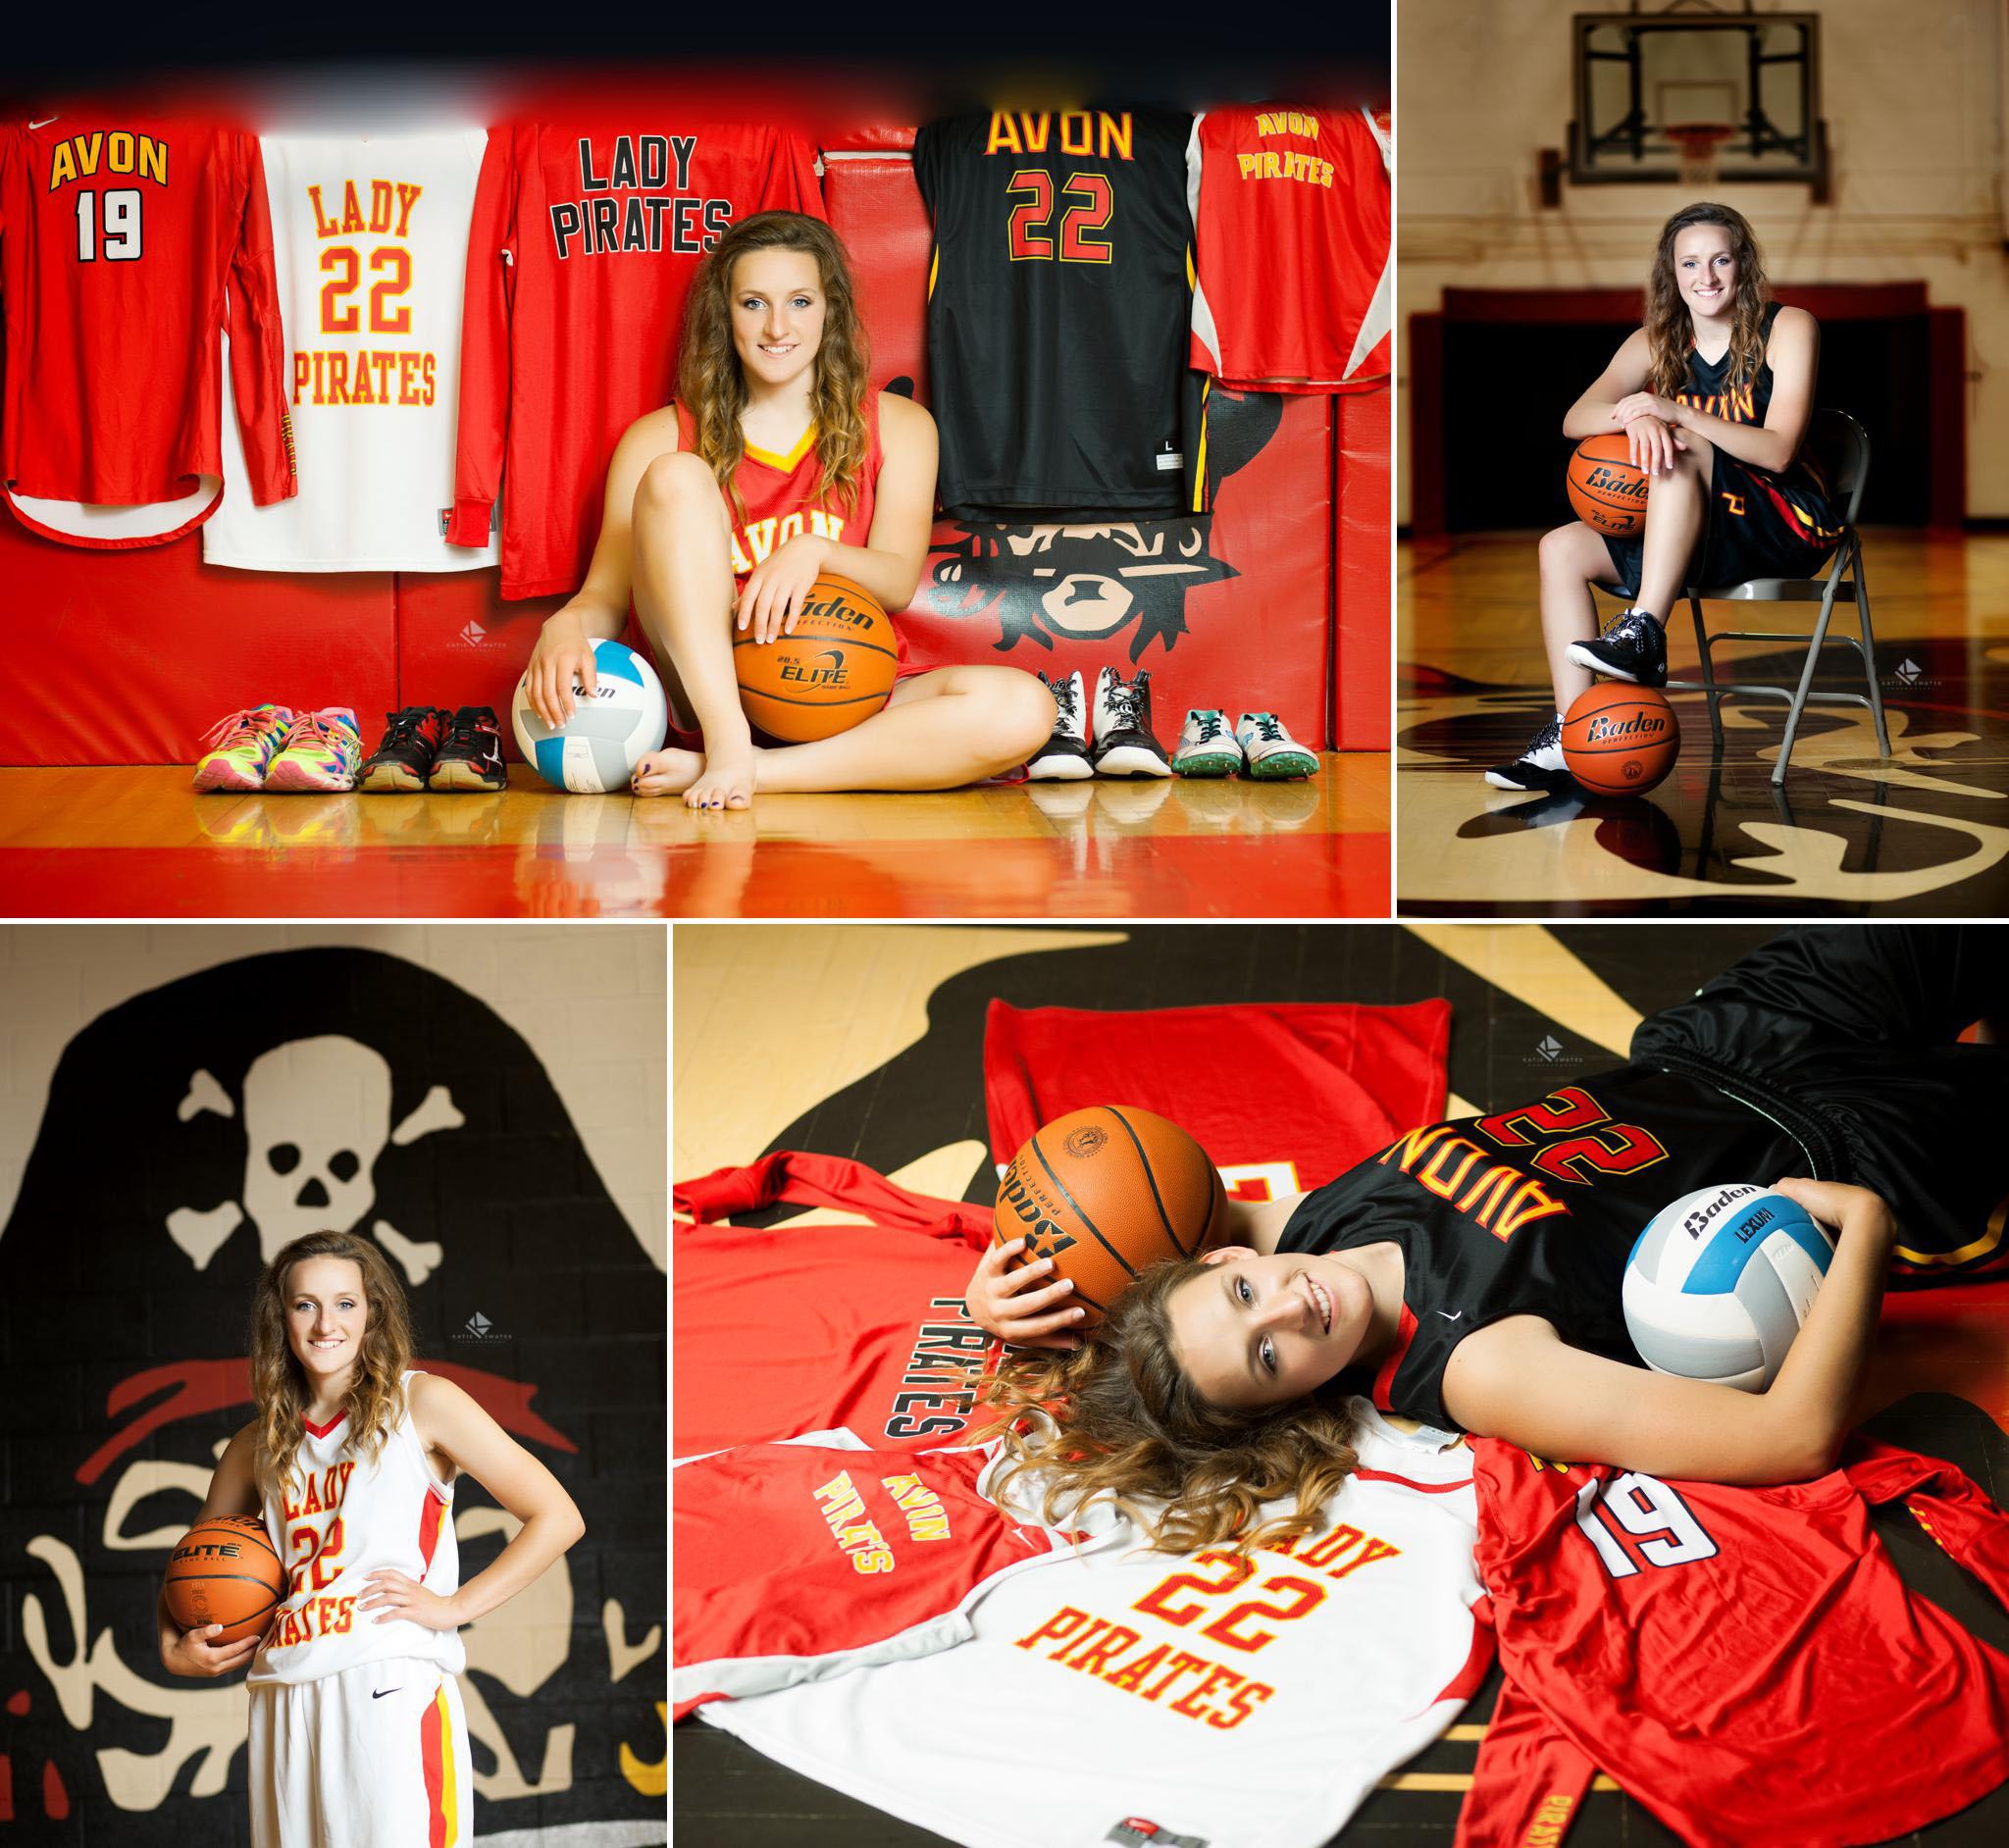 South Dakota Senior Photographer | Sports Senior Pictures by Katie Swatek Photography | Gym Senior Pictures by Katie Swatek Photography